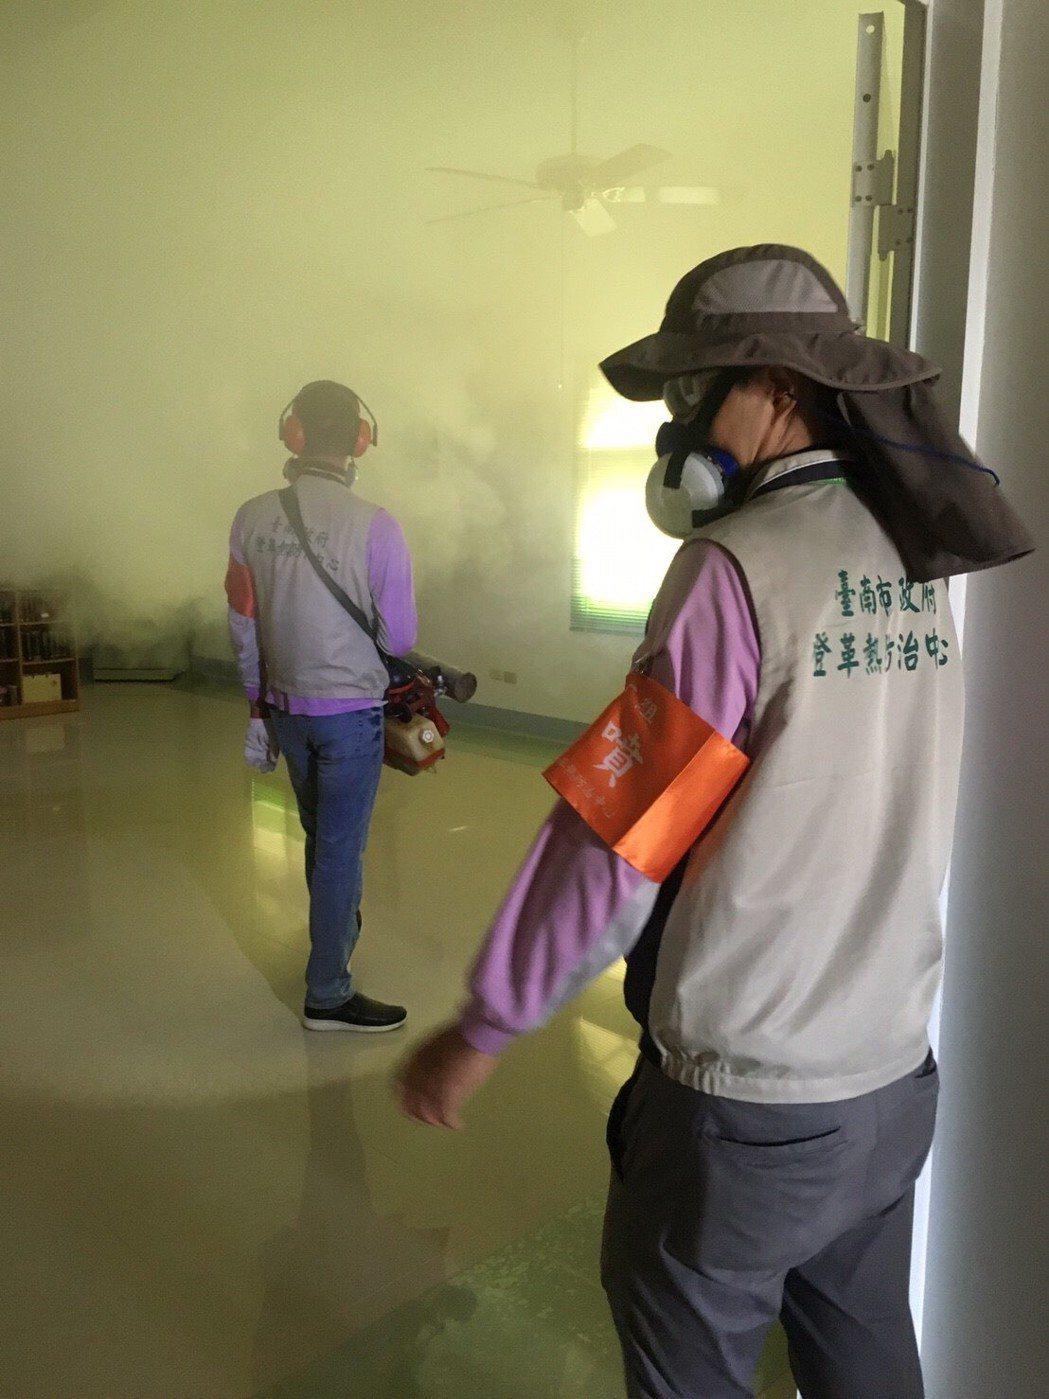 台南市出現第2例登革熱病患,防疫人員今天前往佳里區進行化學防治。圖/衛生局提供